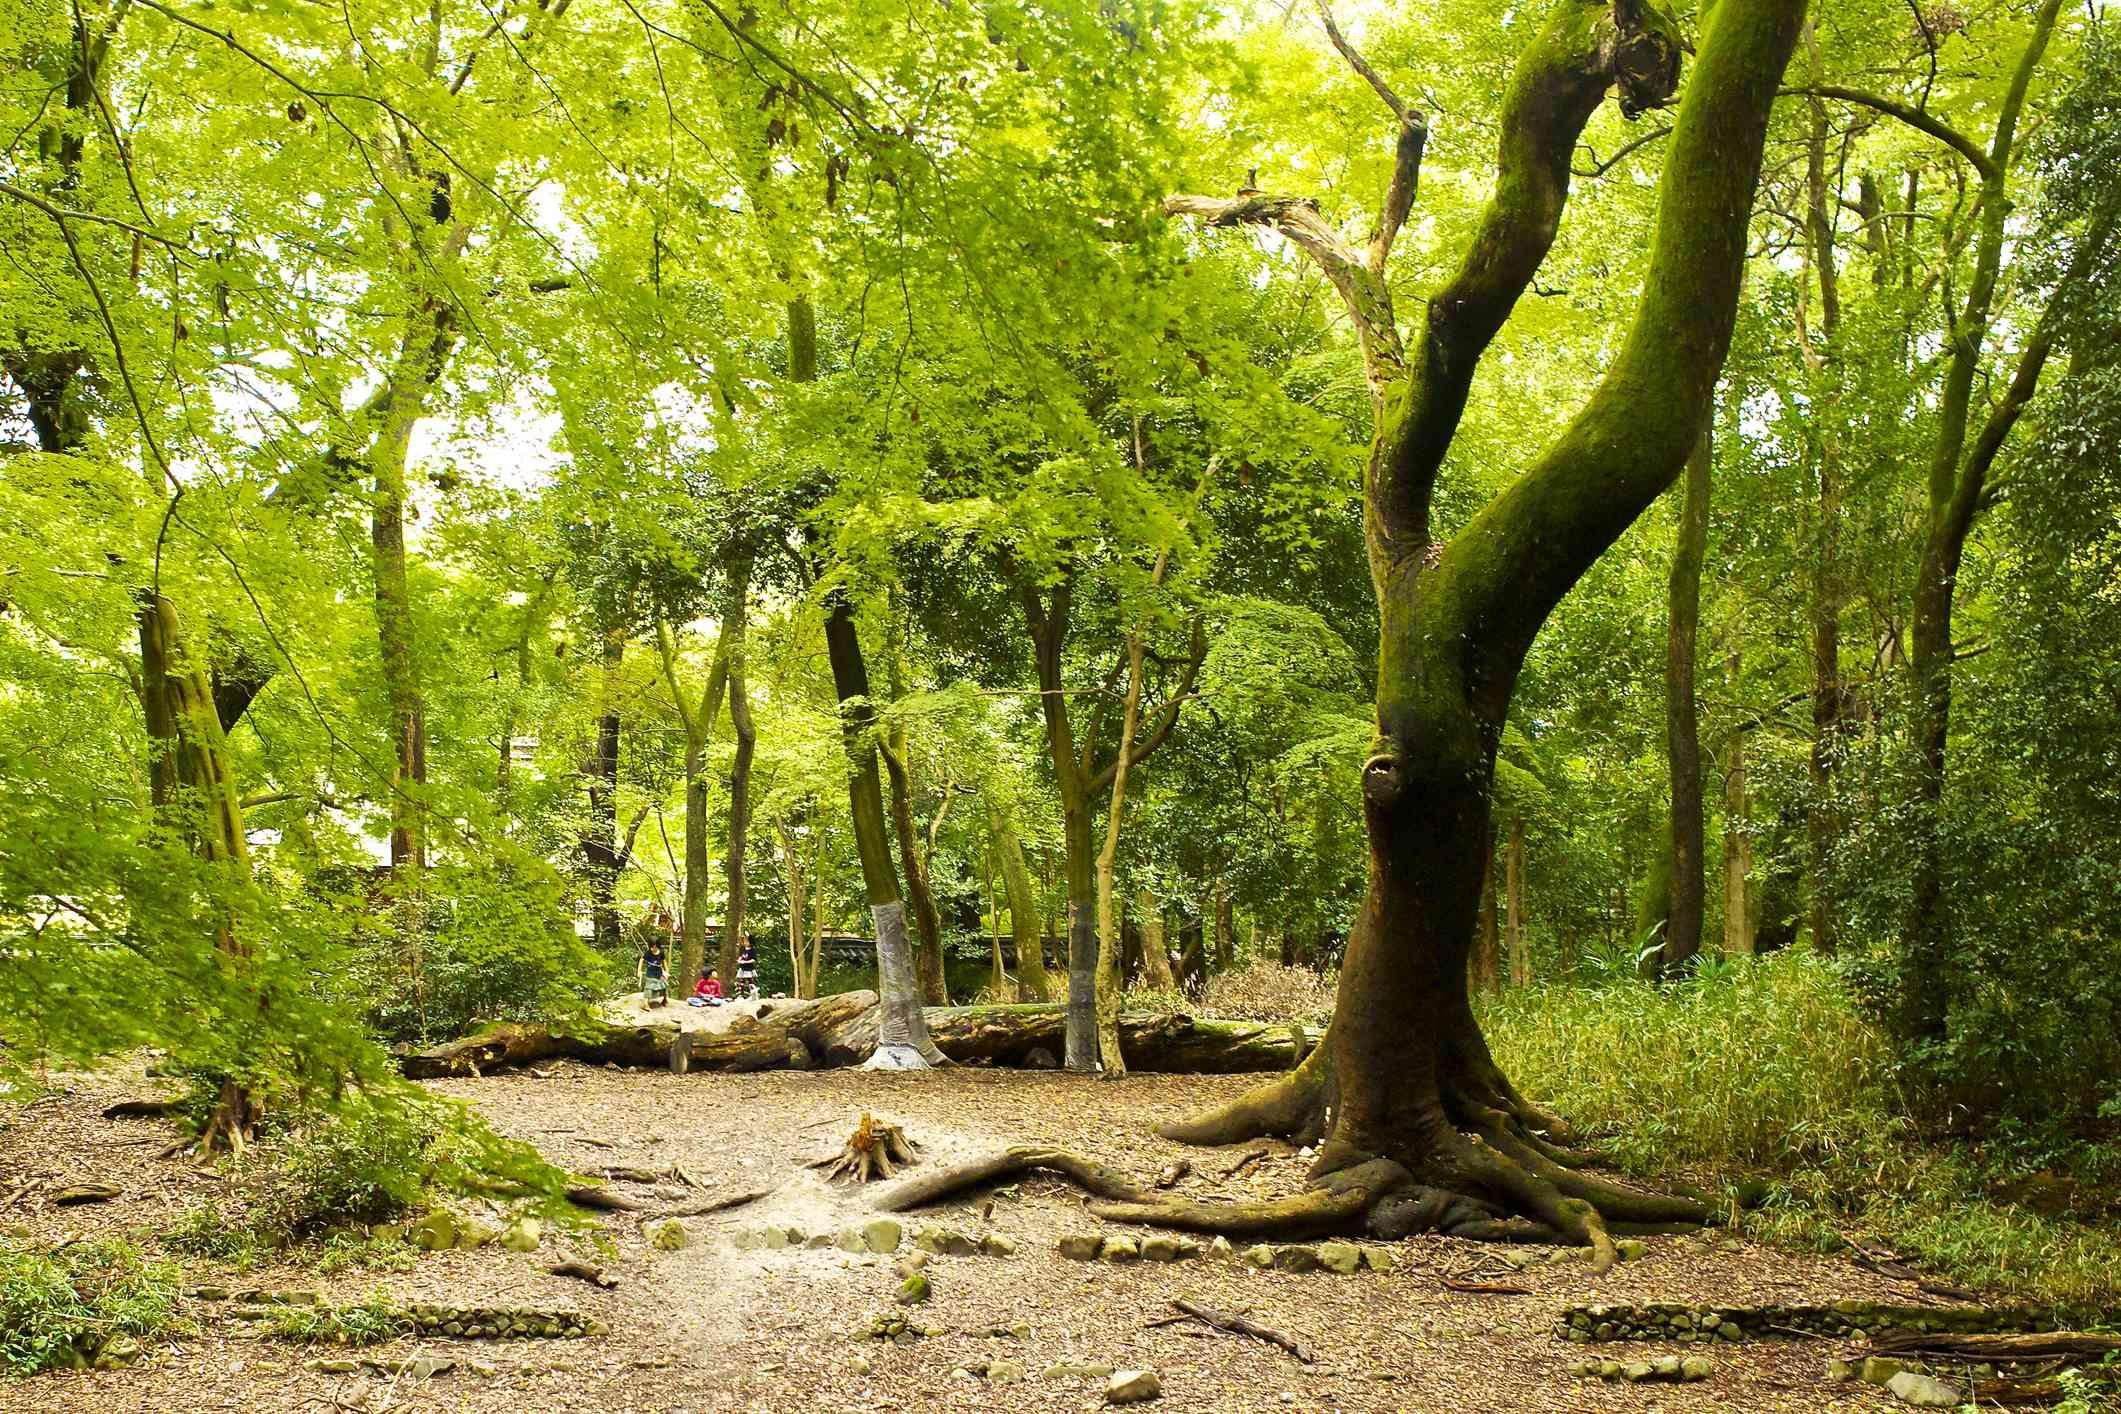 Tadasu-no-Mori forest